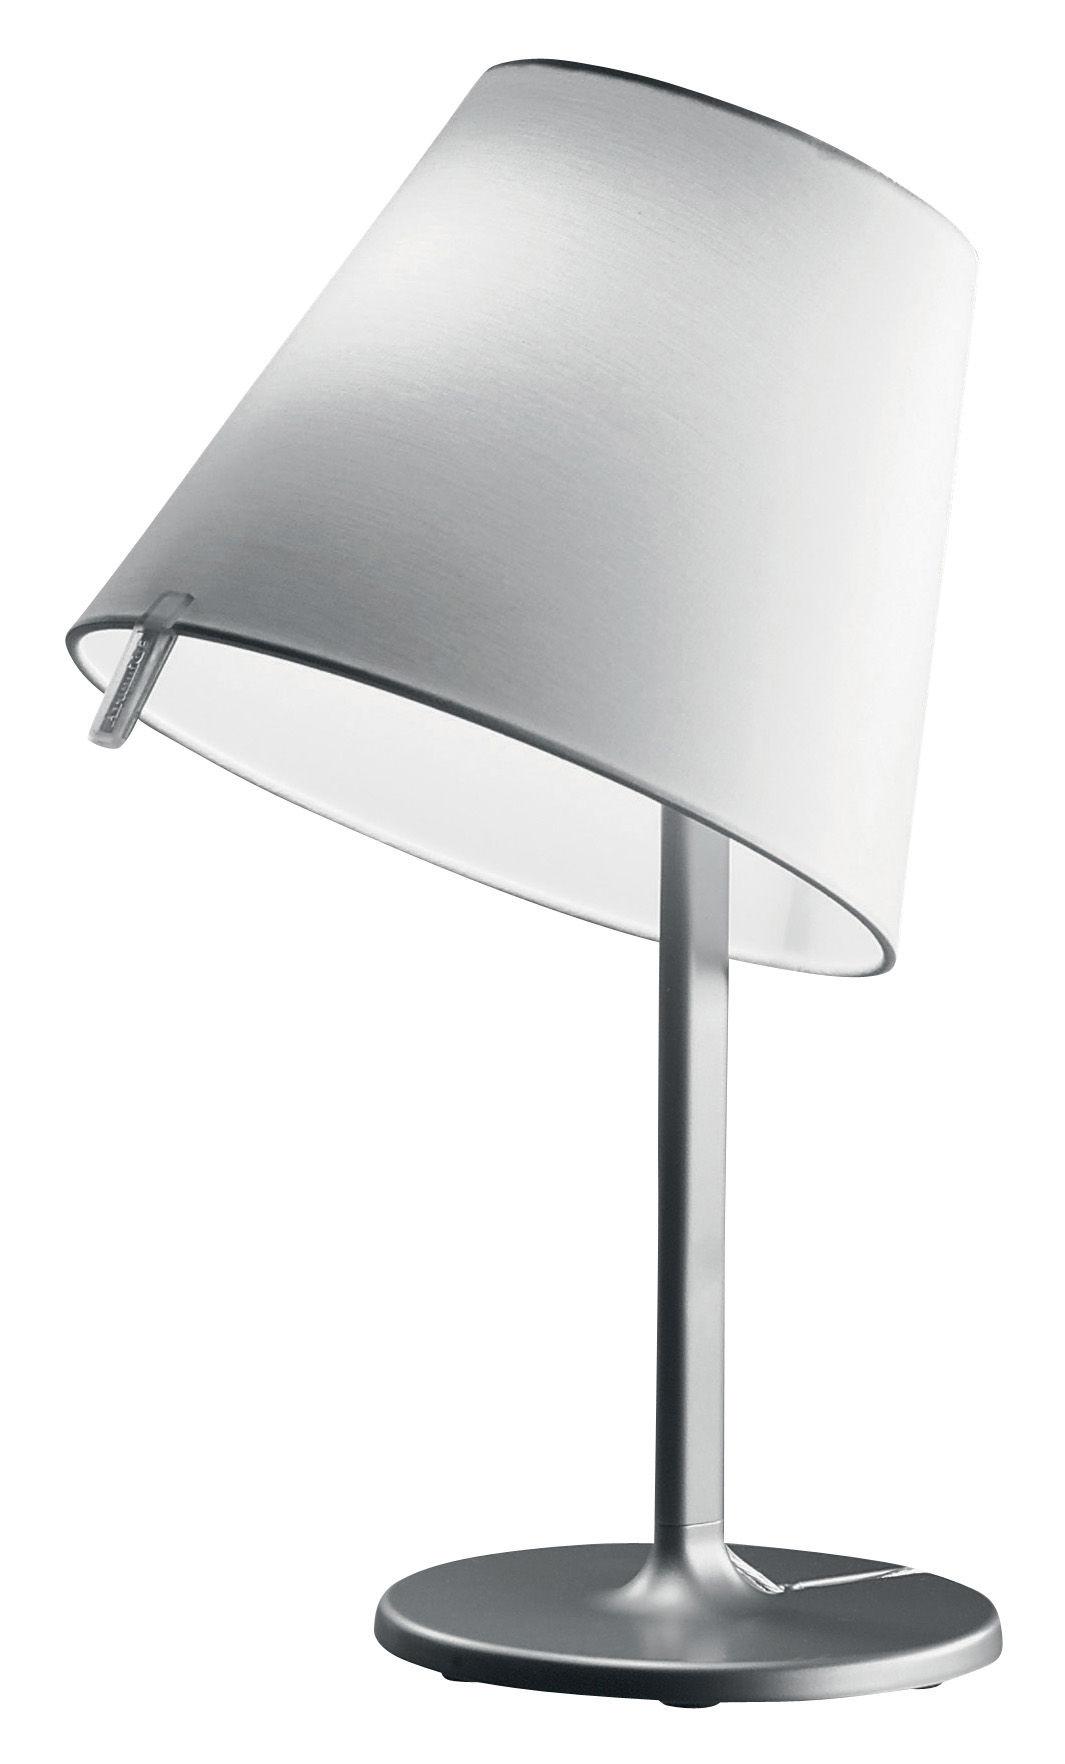 Illuminazione - Lampade da tavolo - Lampada da tavolo Melampo Notte di Artemide - Grigio - Alluminio - Metallo, Raso